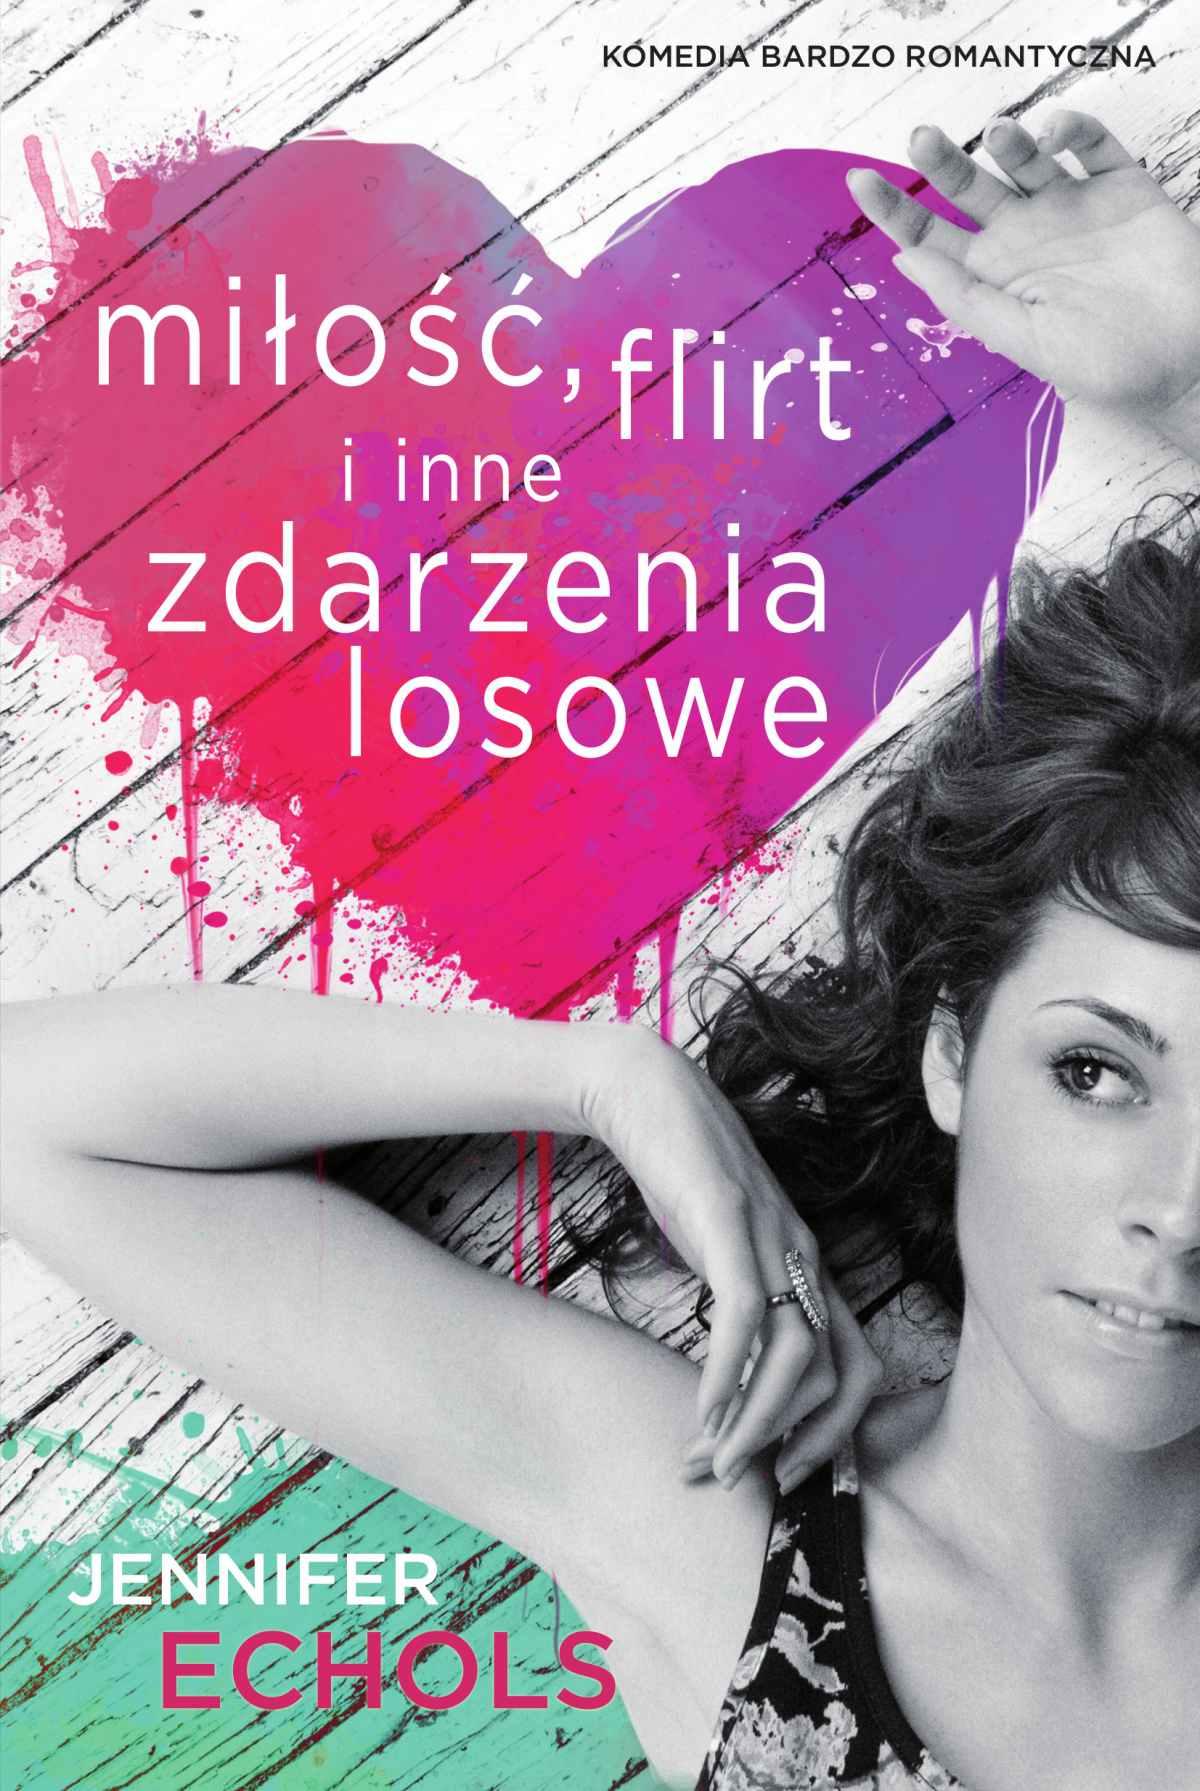 Miłość, flirt i inne zdarzenia losowe - Ebook (Książka na Kindle) do pobrania w formacie MOBI